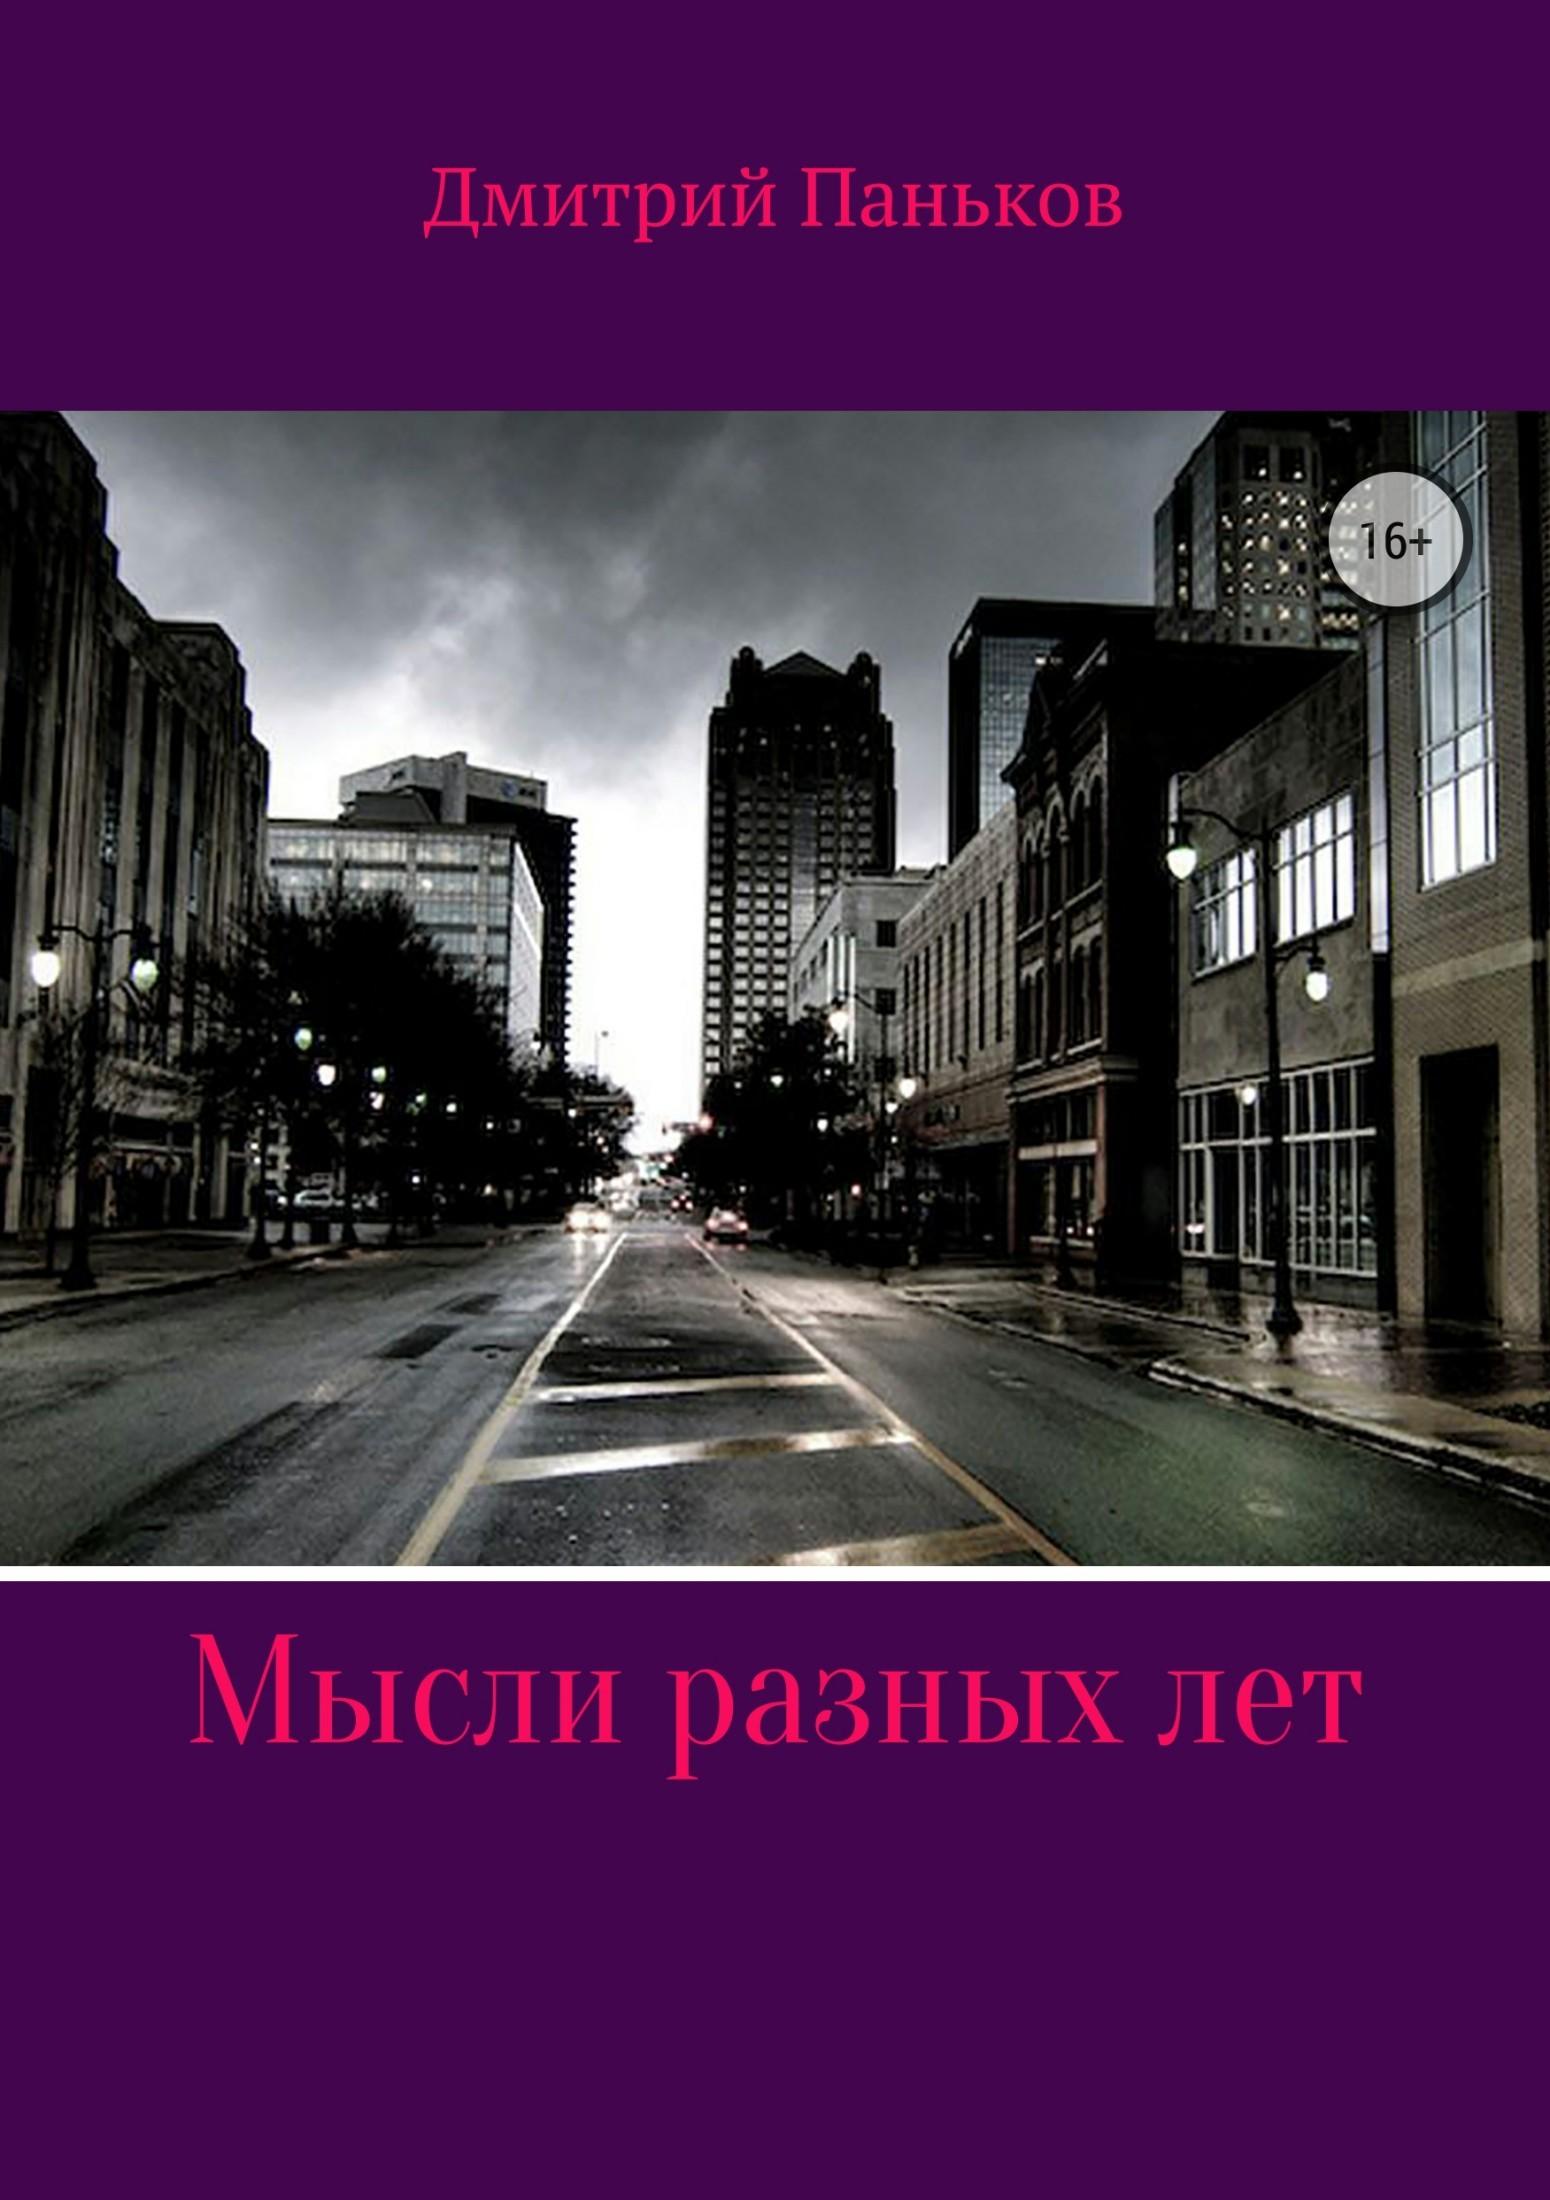 Дмитрий Паньков Мысли разных лет дмитрий владимирович паньков 33 о жизни и любви сборник стихов